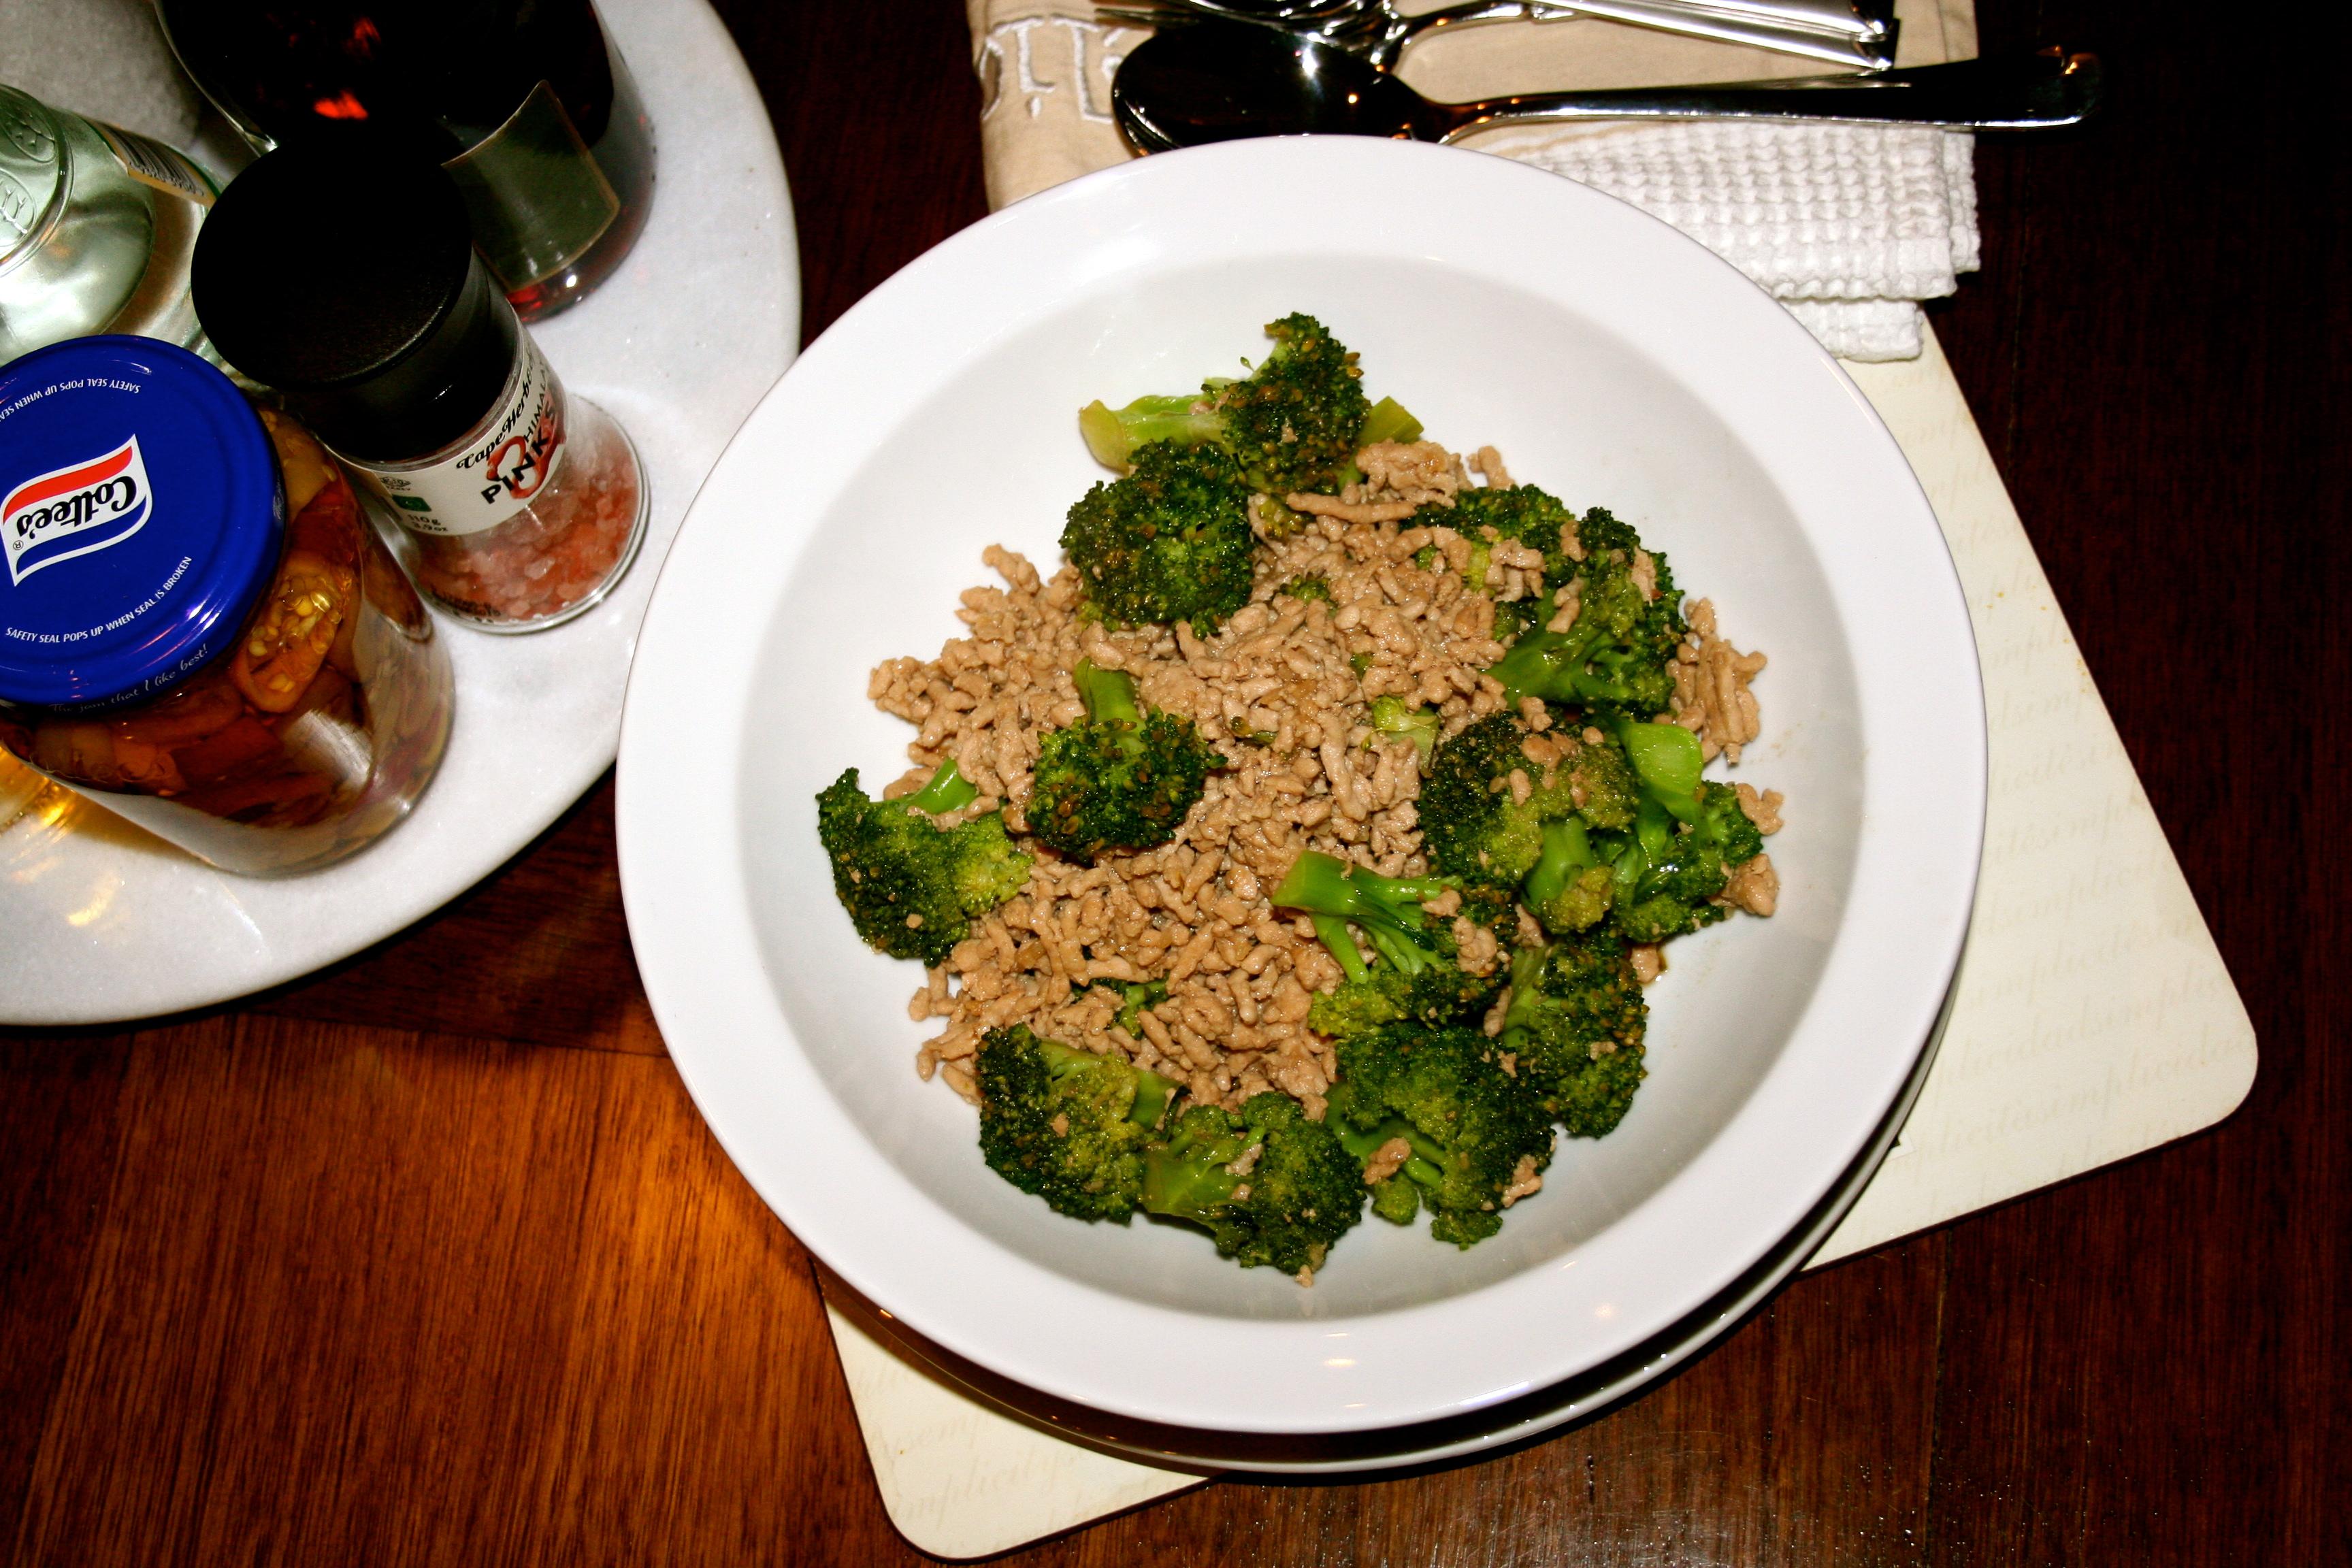 Resep Cara Membuat Sop Brokoli Sosis Enak